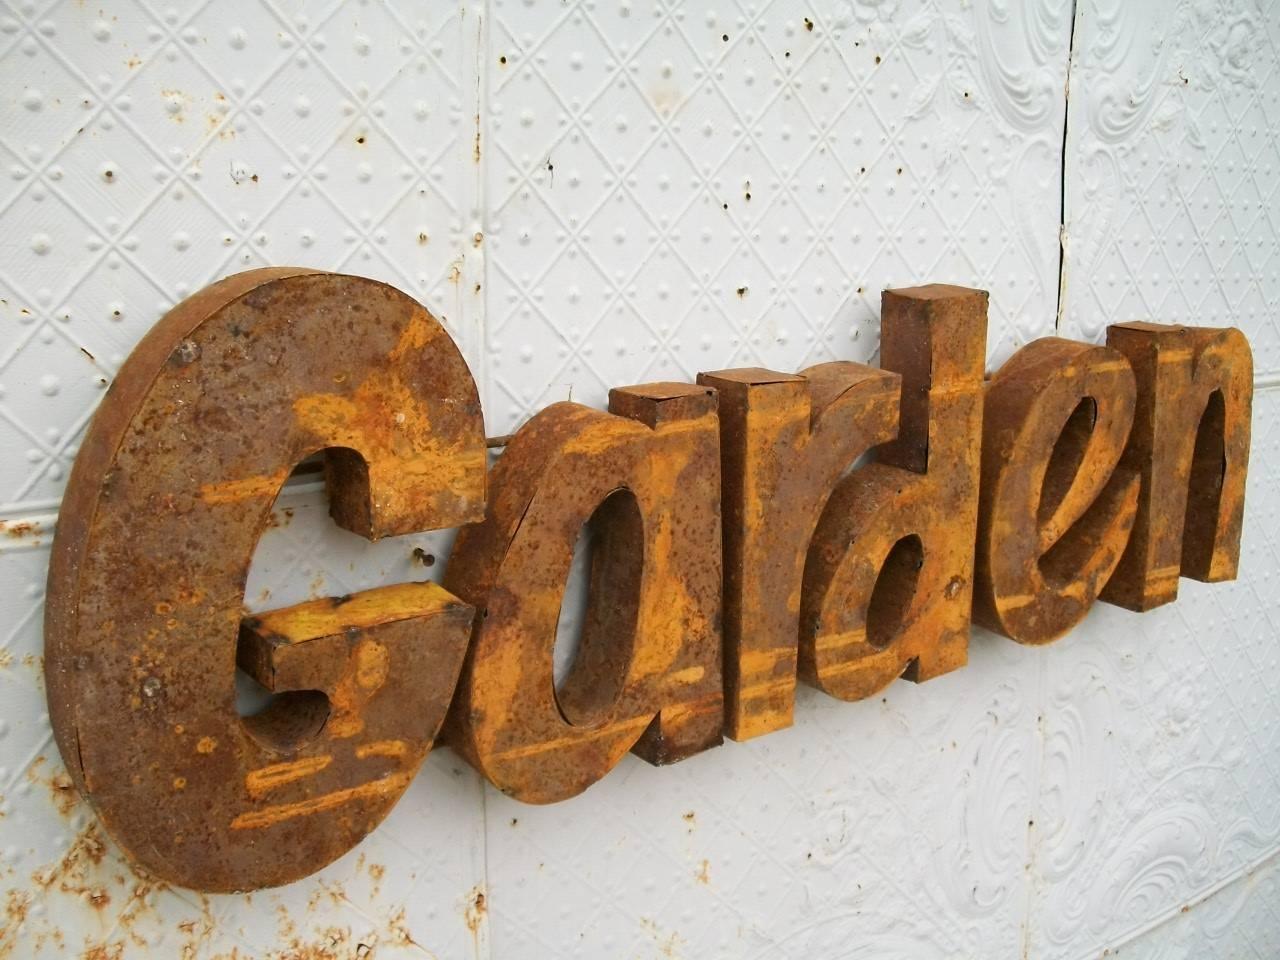 3D Garden Wall Art   Wallartideas Throughout Most Up To Date 3D Garden Wall Art (Gallery 6 of 20)